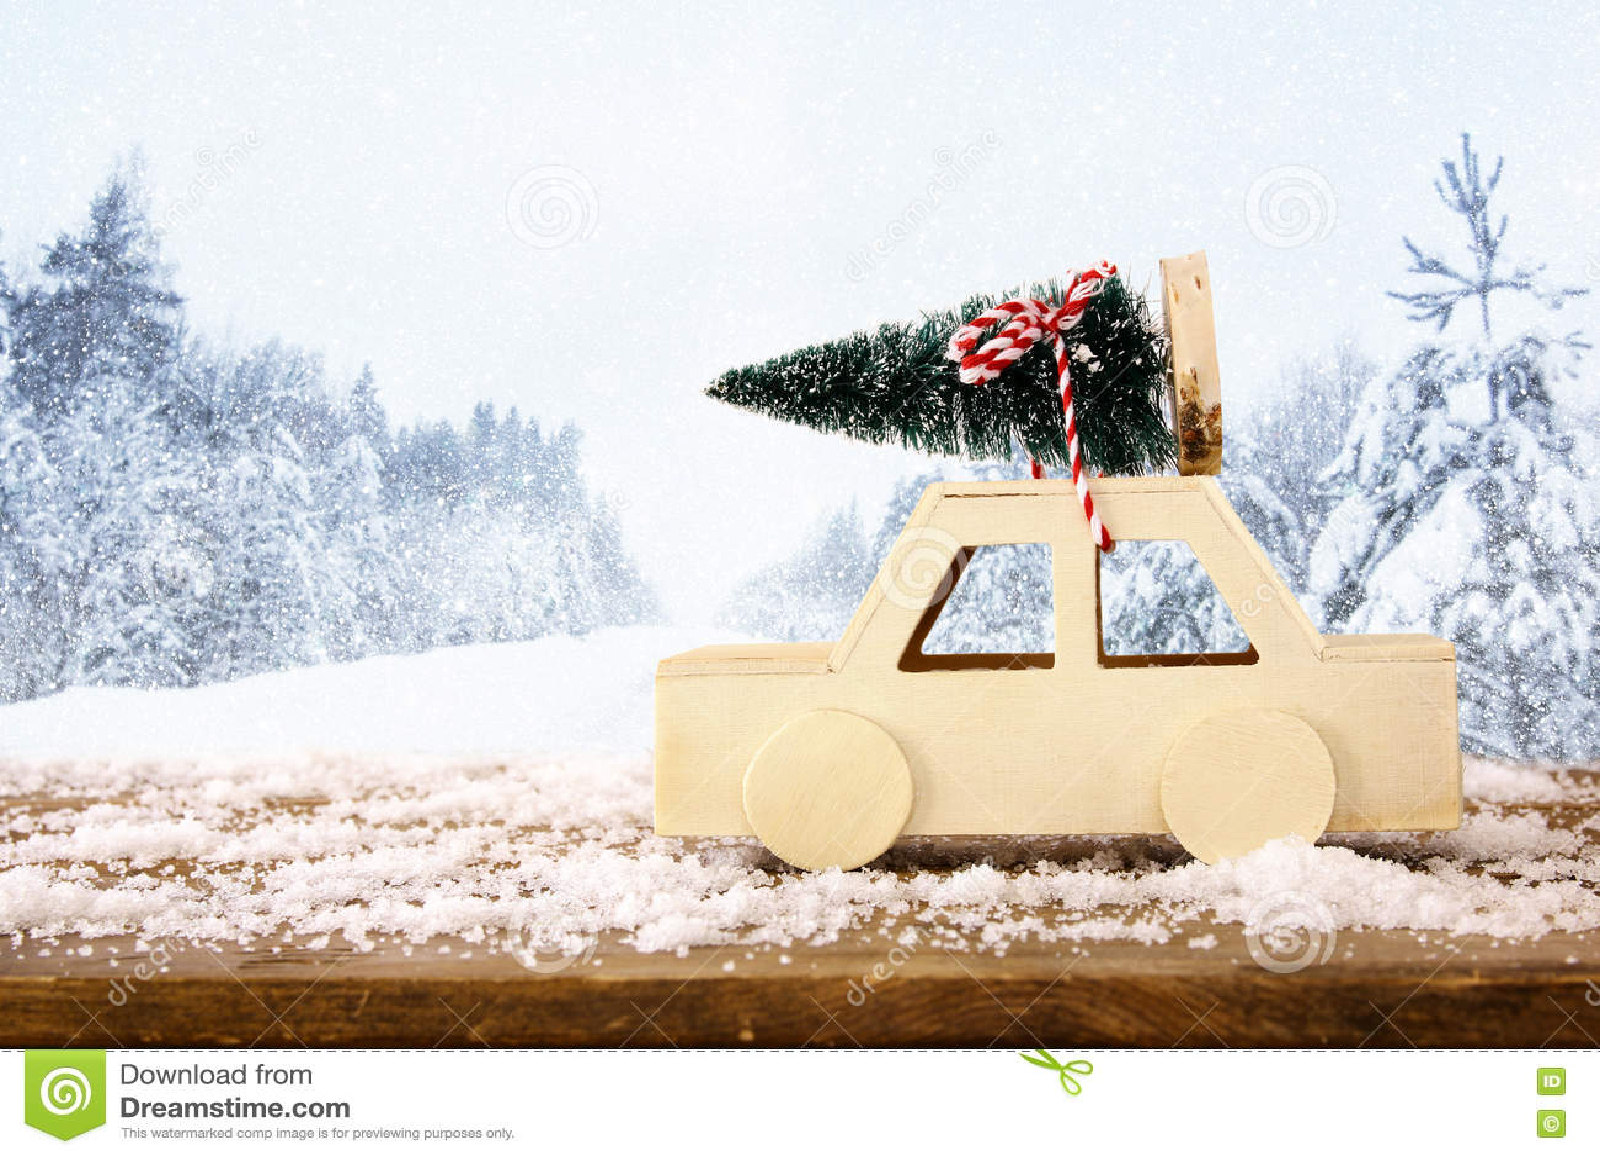 Ξύλινο αυτοκίνητο που φέρνει ένα χριστουγεννιάτικο δέντρο